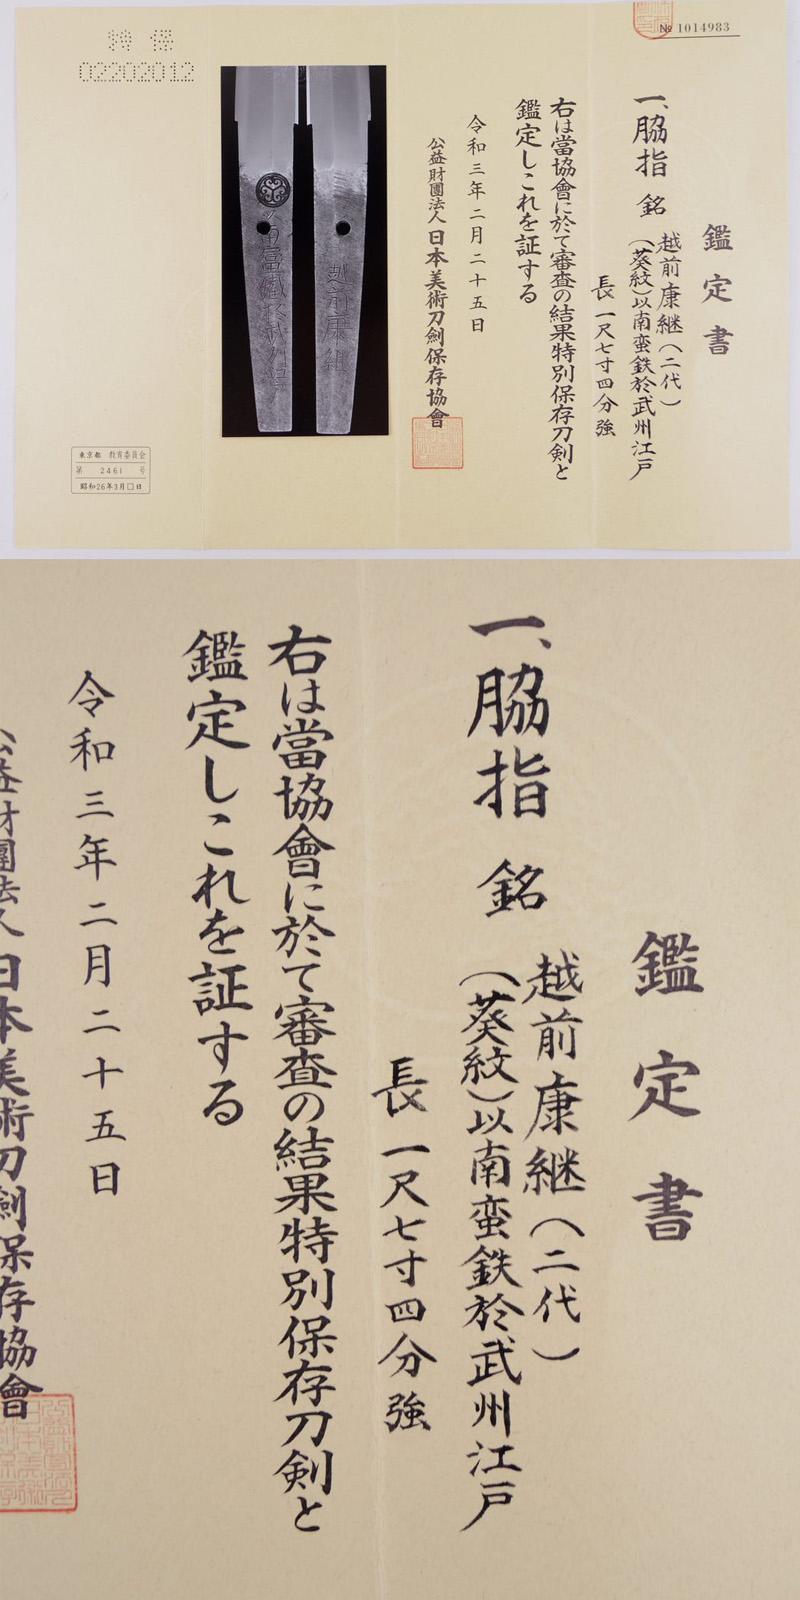 脇差 越前康継(二代康継) (新刀最上作) (良業物)   (葵紋)以南蛮於武州江戸 Picture of Certificate